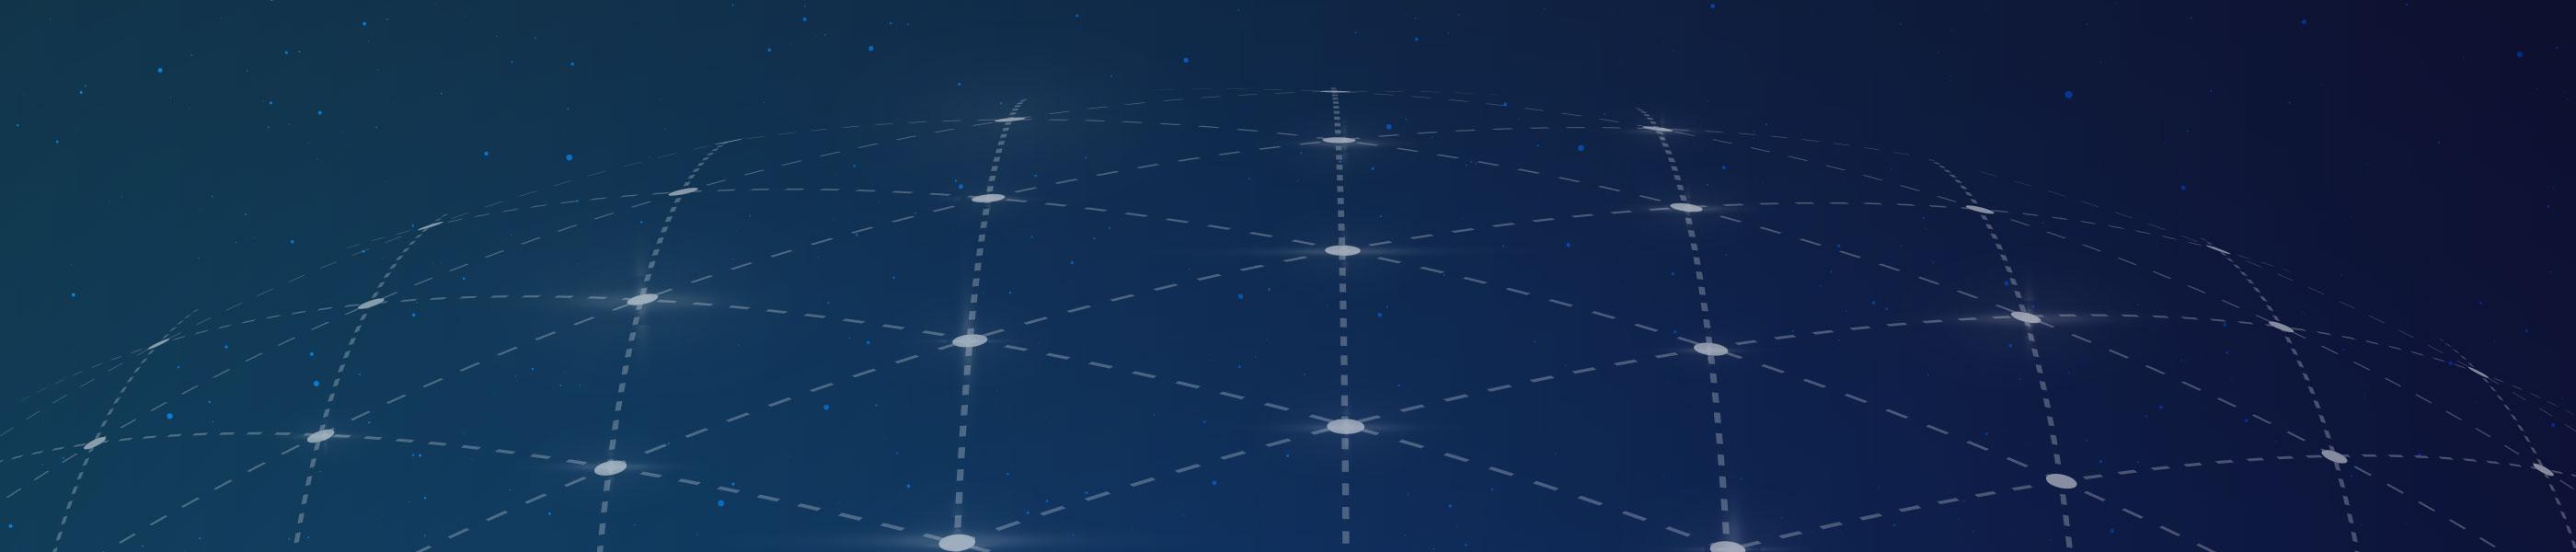 Intralinks Trust Perimeter™